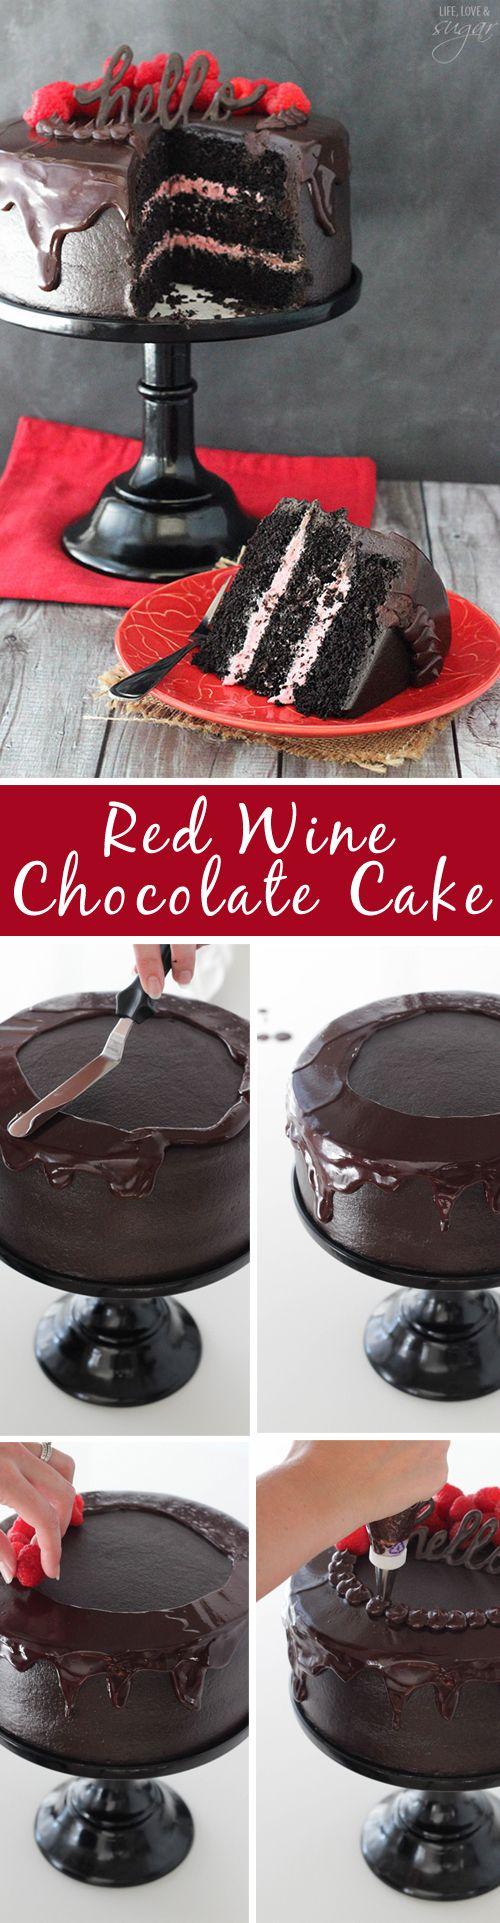 Vino Tinto pastel de chocolate - con vino tinto en el pastel y ganache de chocolate!  El relleno de frambuesa es el complemento perfecto!  Tal torta húmeda!  ¡AMOR!